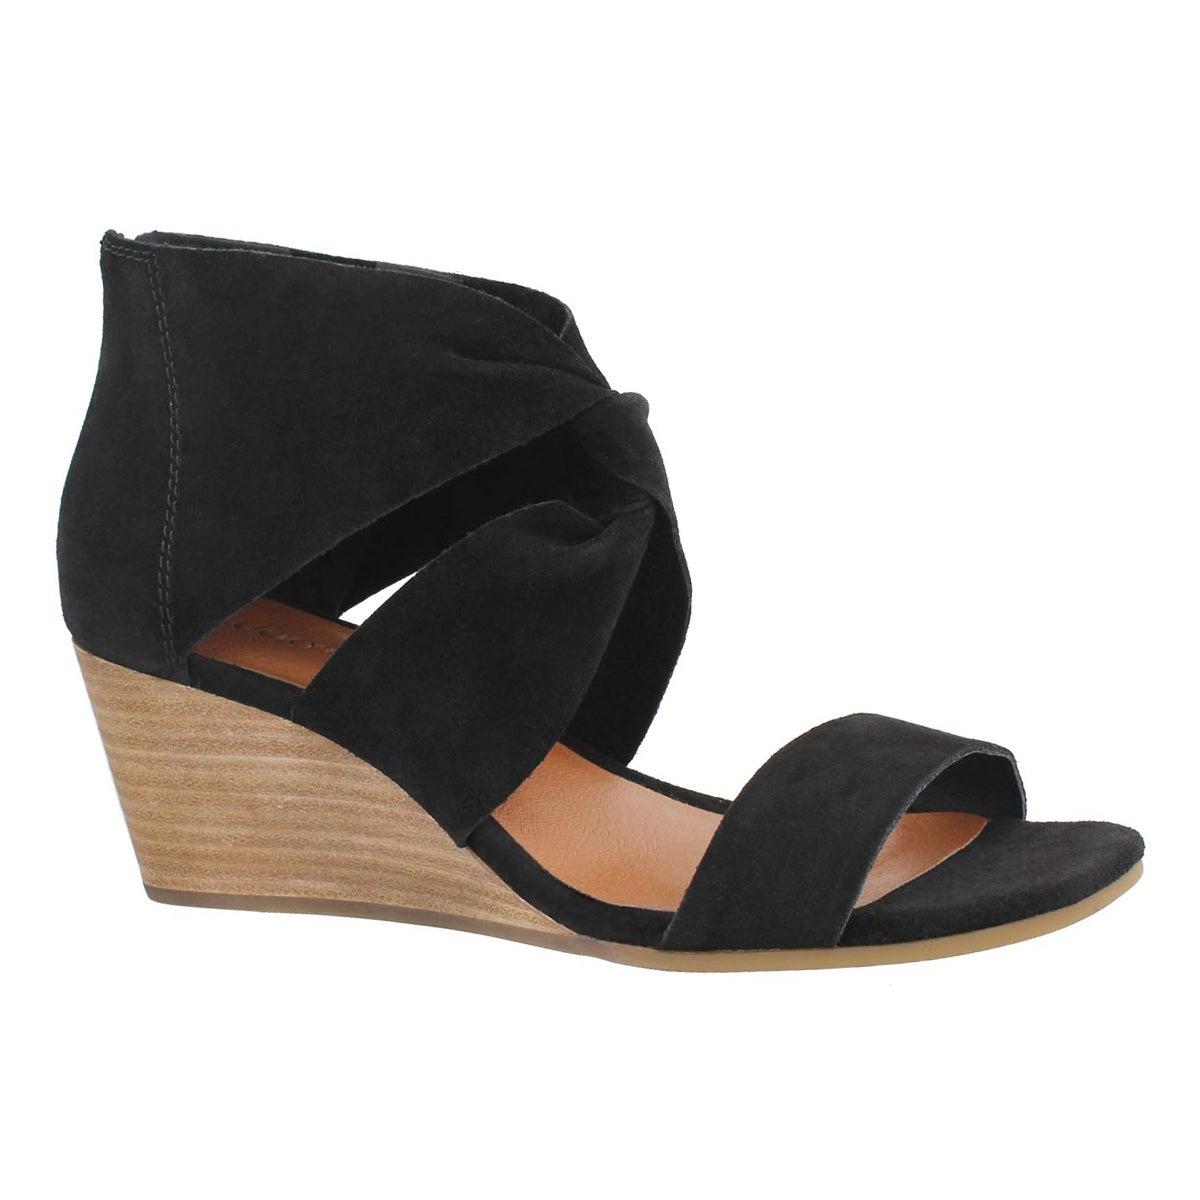 Women's TAMMANEE black wedge sandal